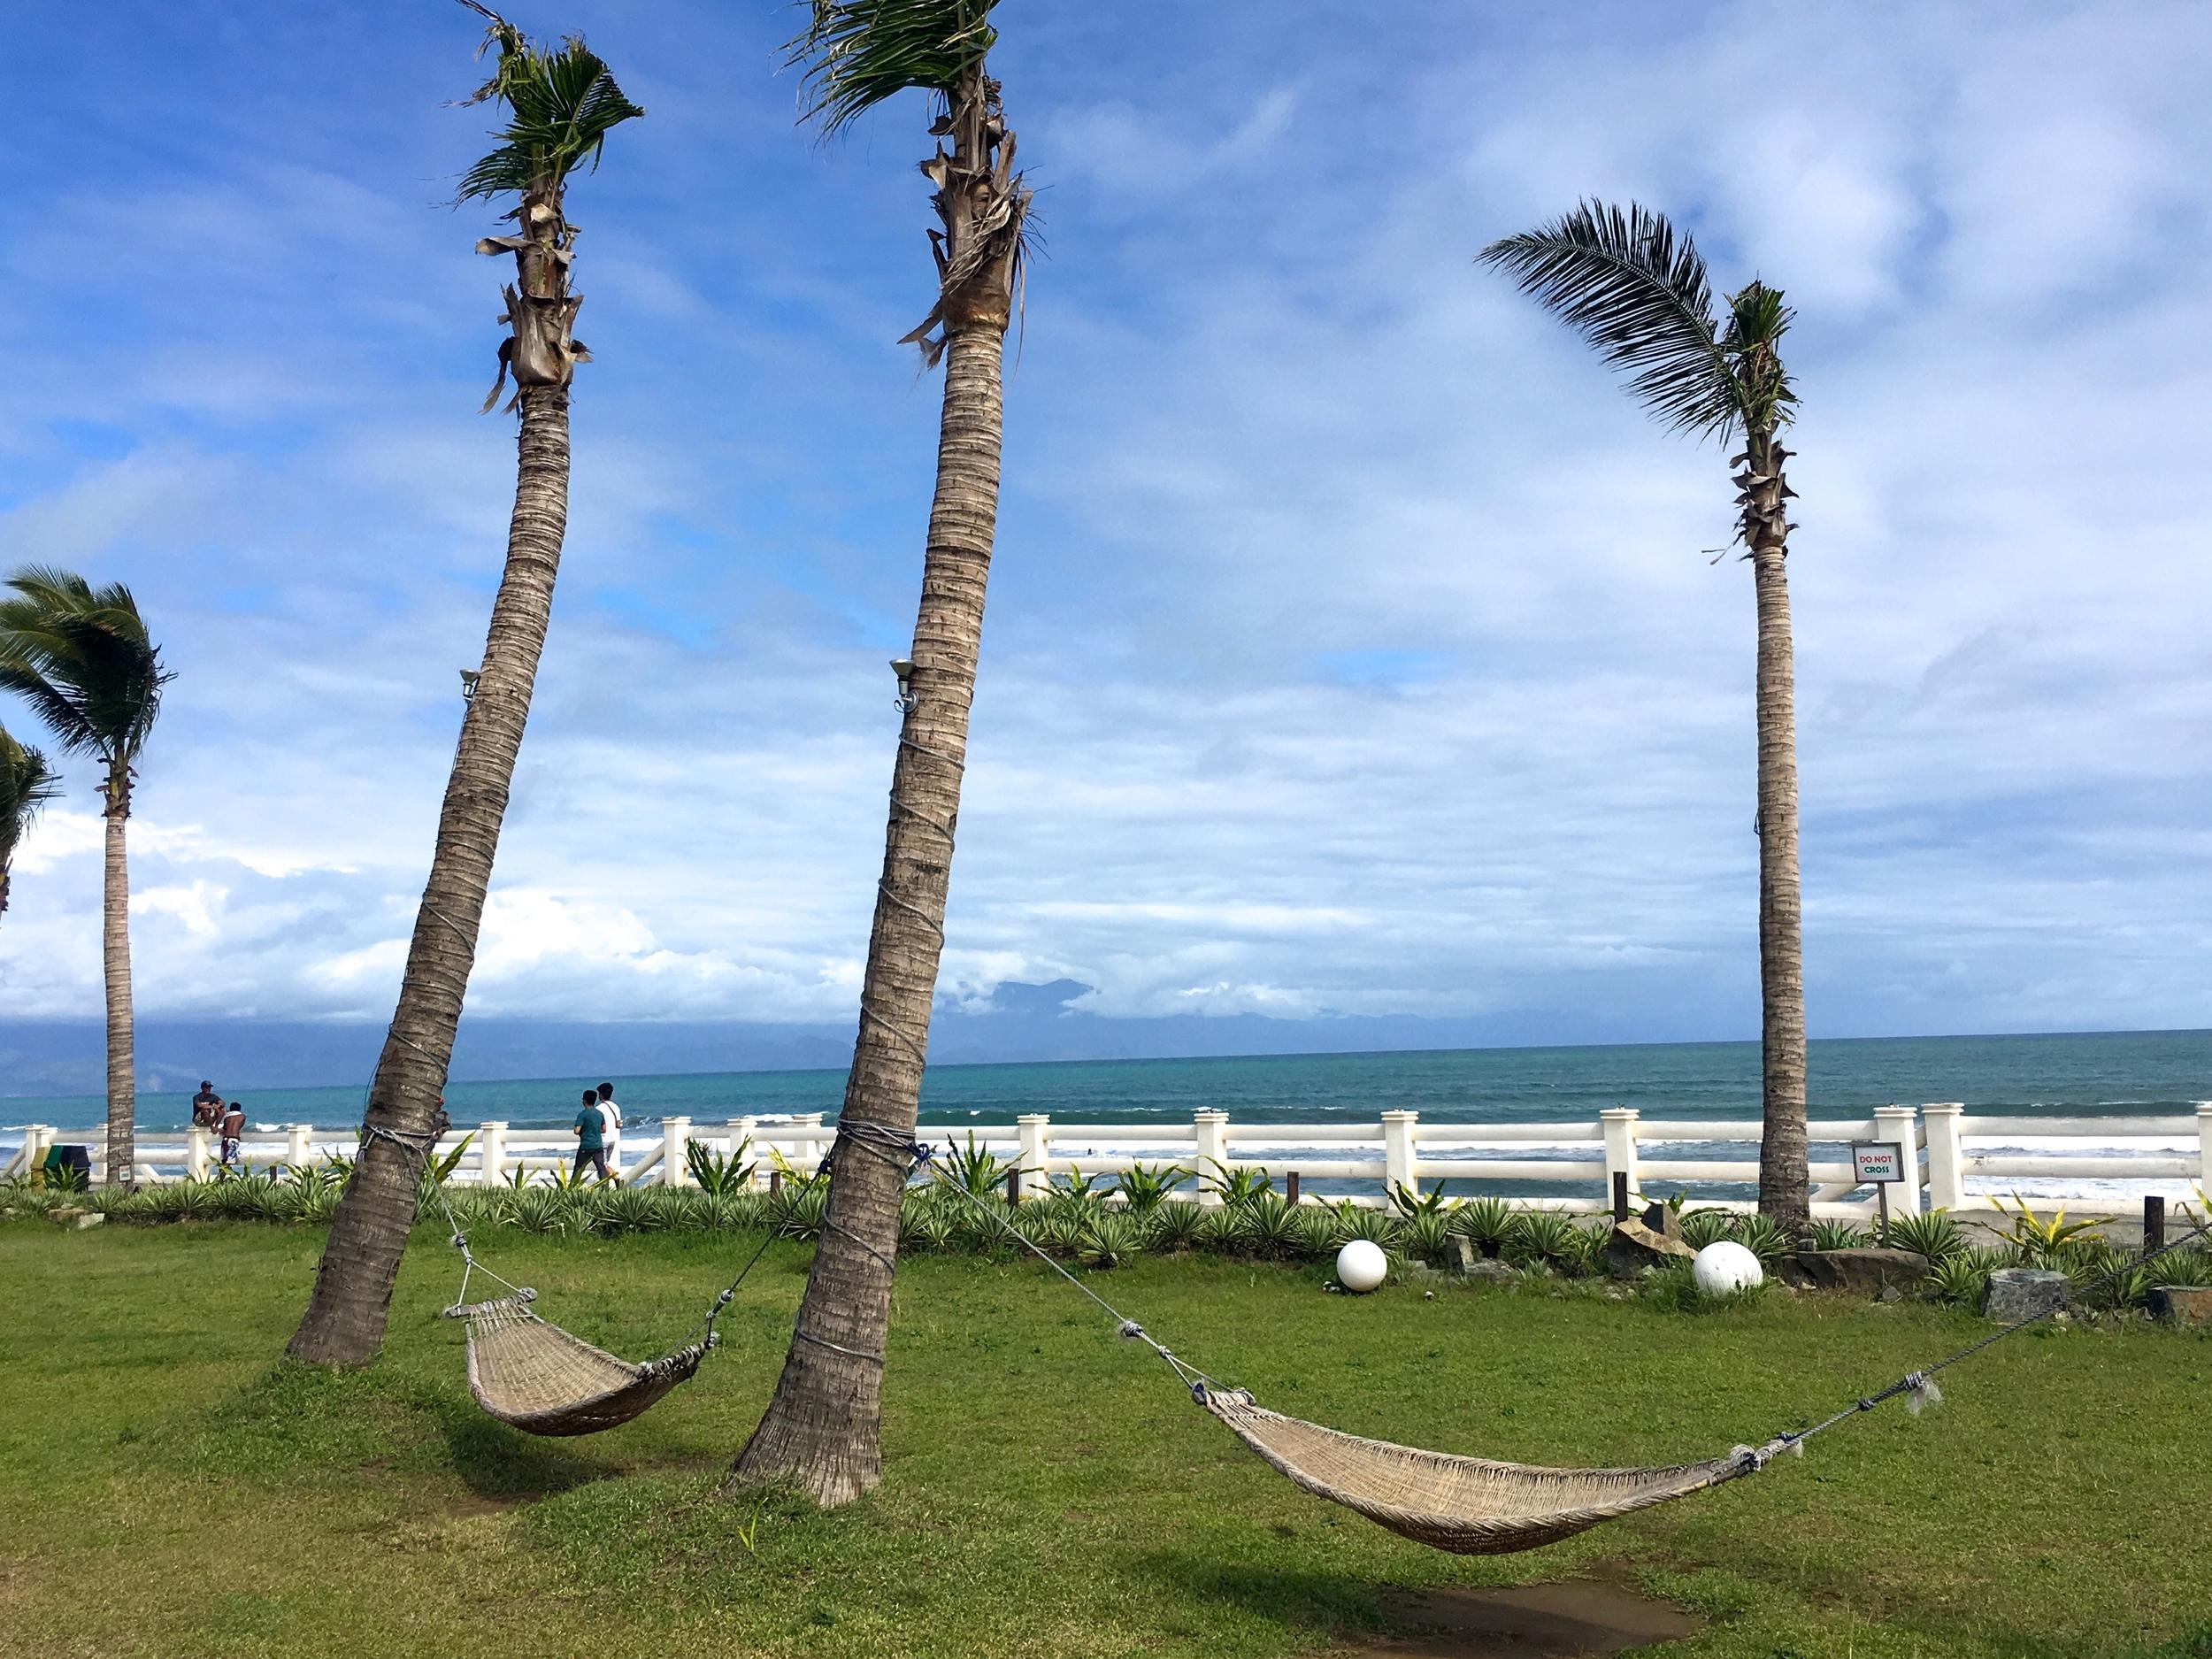 哥斯达Pacifica的海滨花园。梦想!